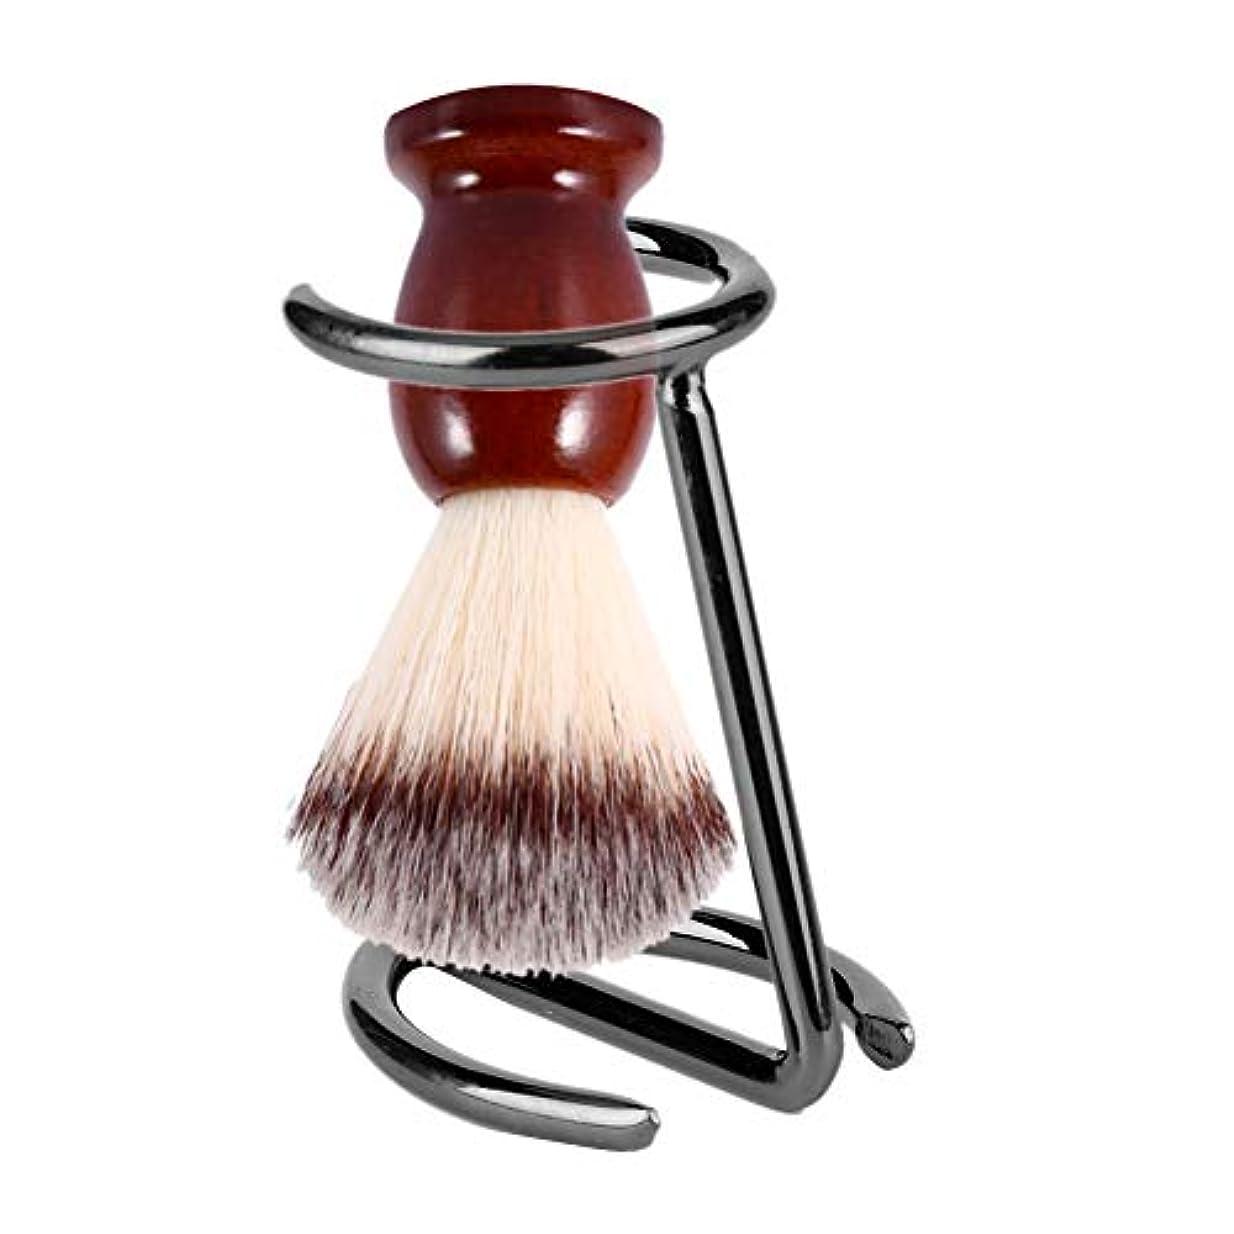 剃毛ブラシスタンド、男性の剃毛ブラシステンレス鋼スタンドかみそりホルダーサロンホーム旅行用